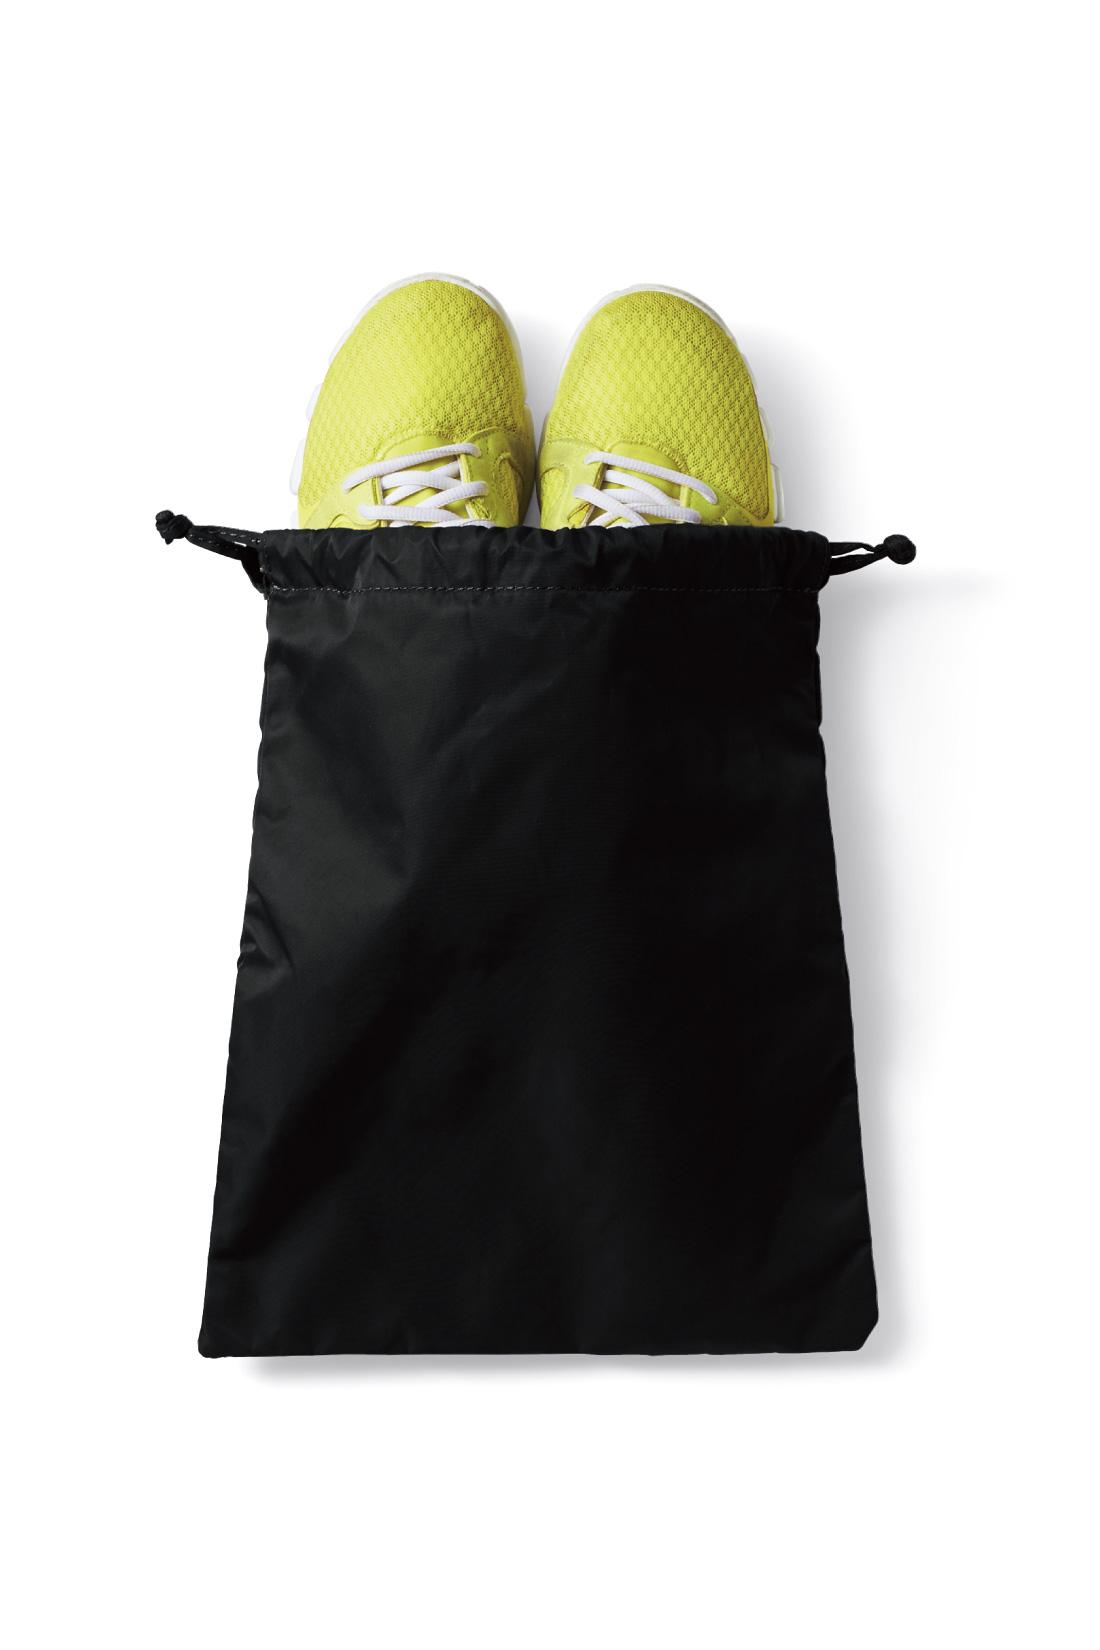 ジム用シューズは専用袋に。